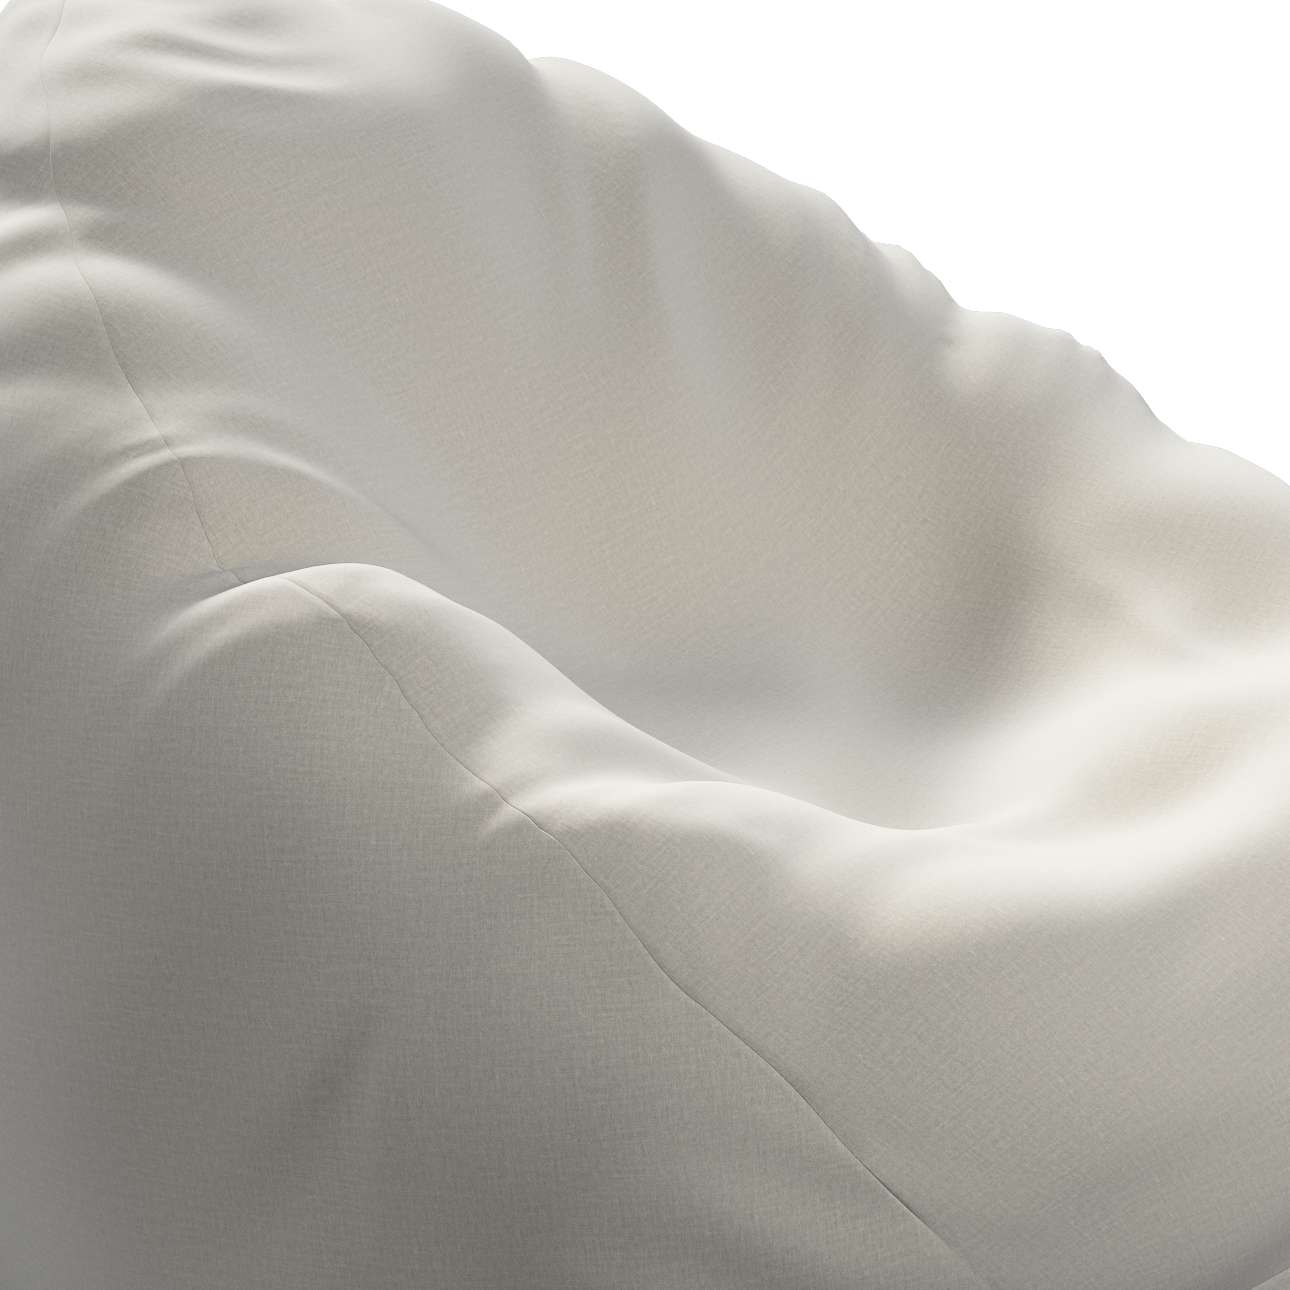 Pokrowiec na worek do siedzenia w kolekcji Ingrid, tkanina: 705-40